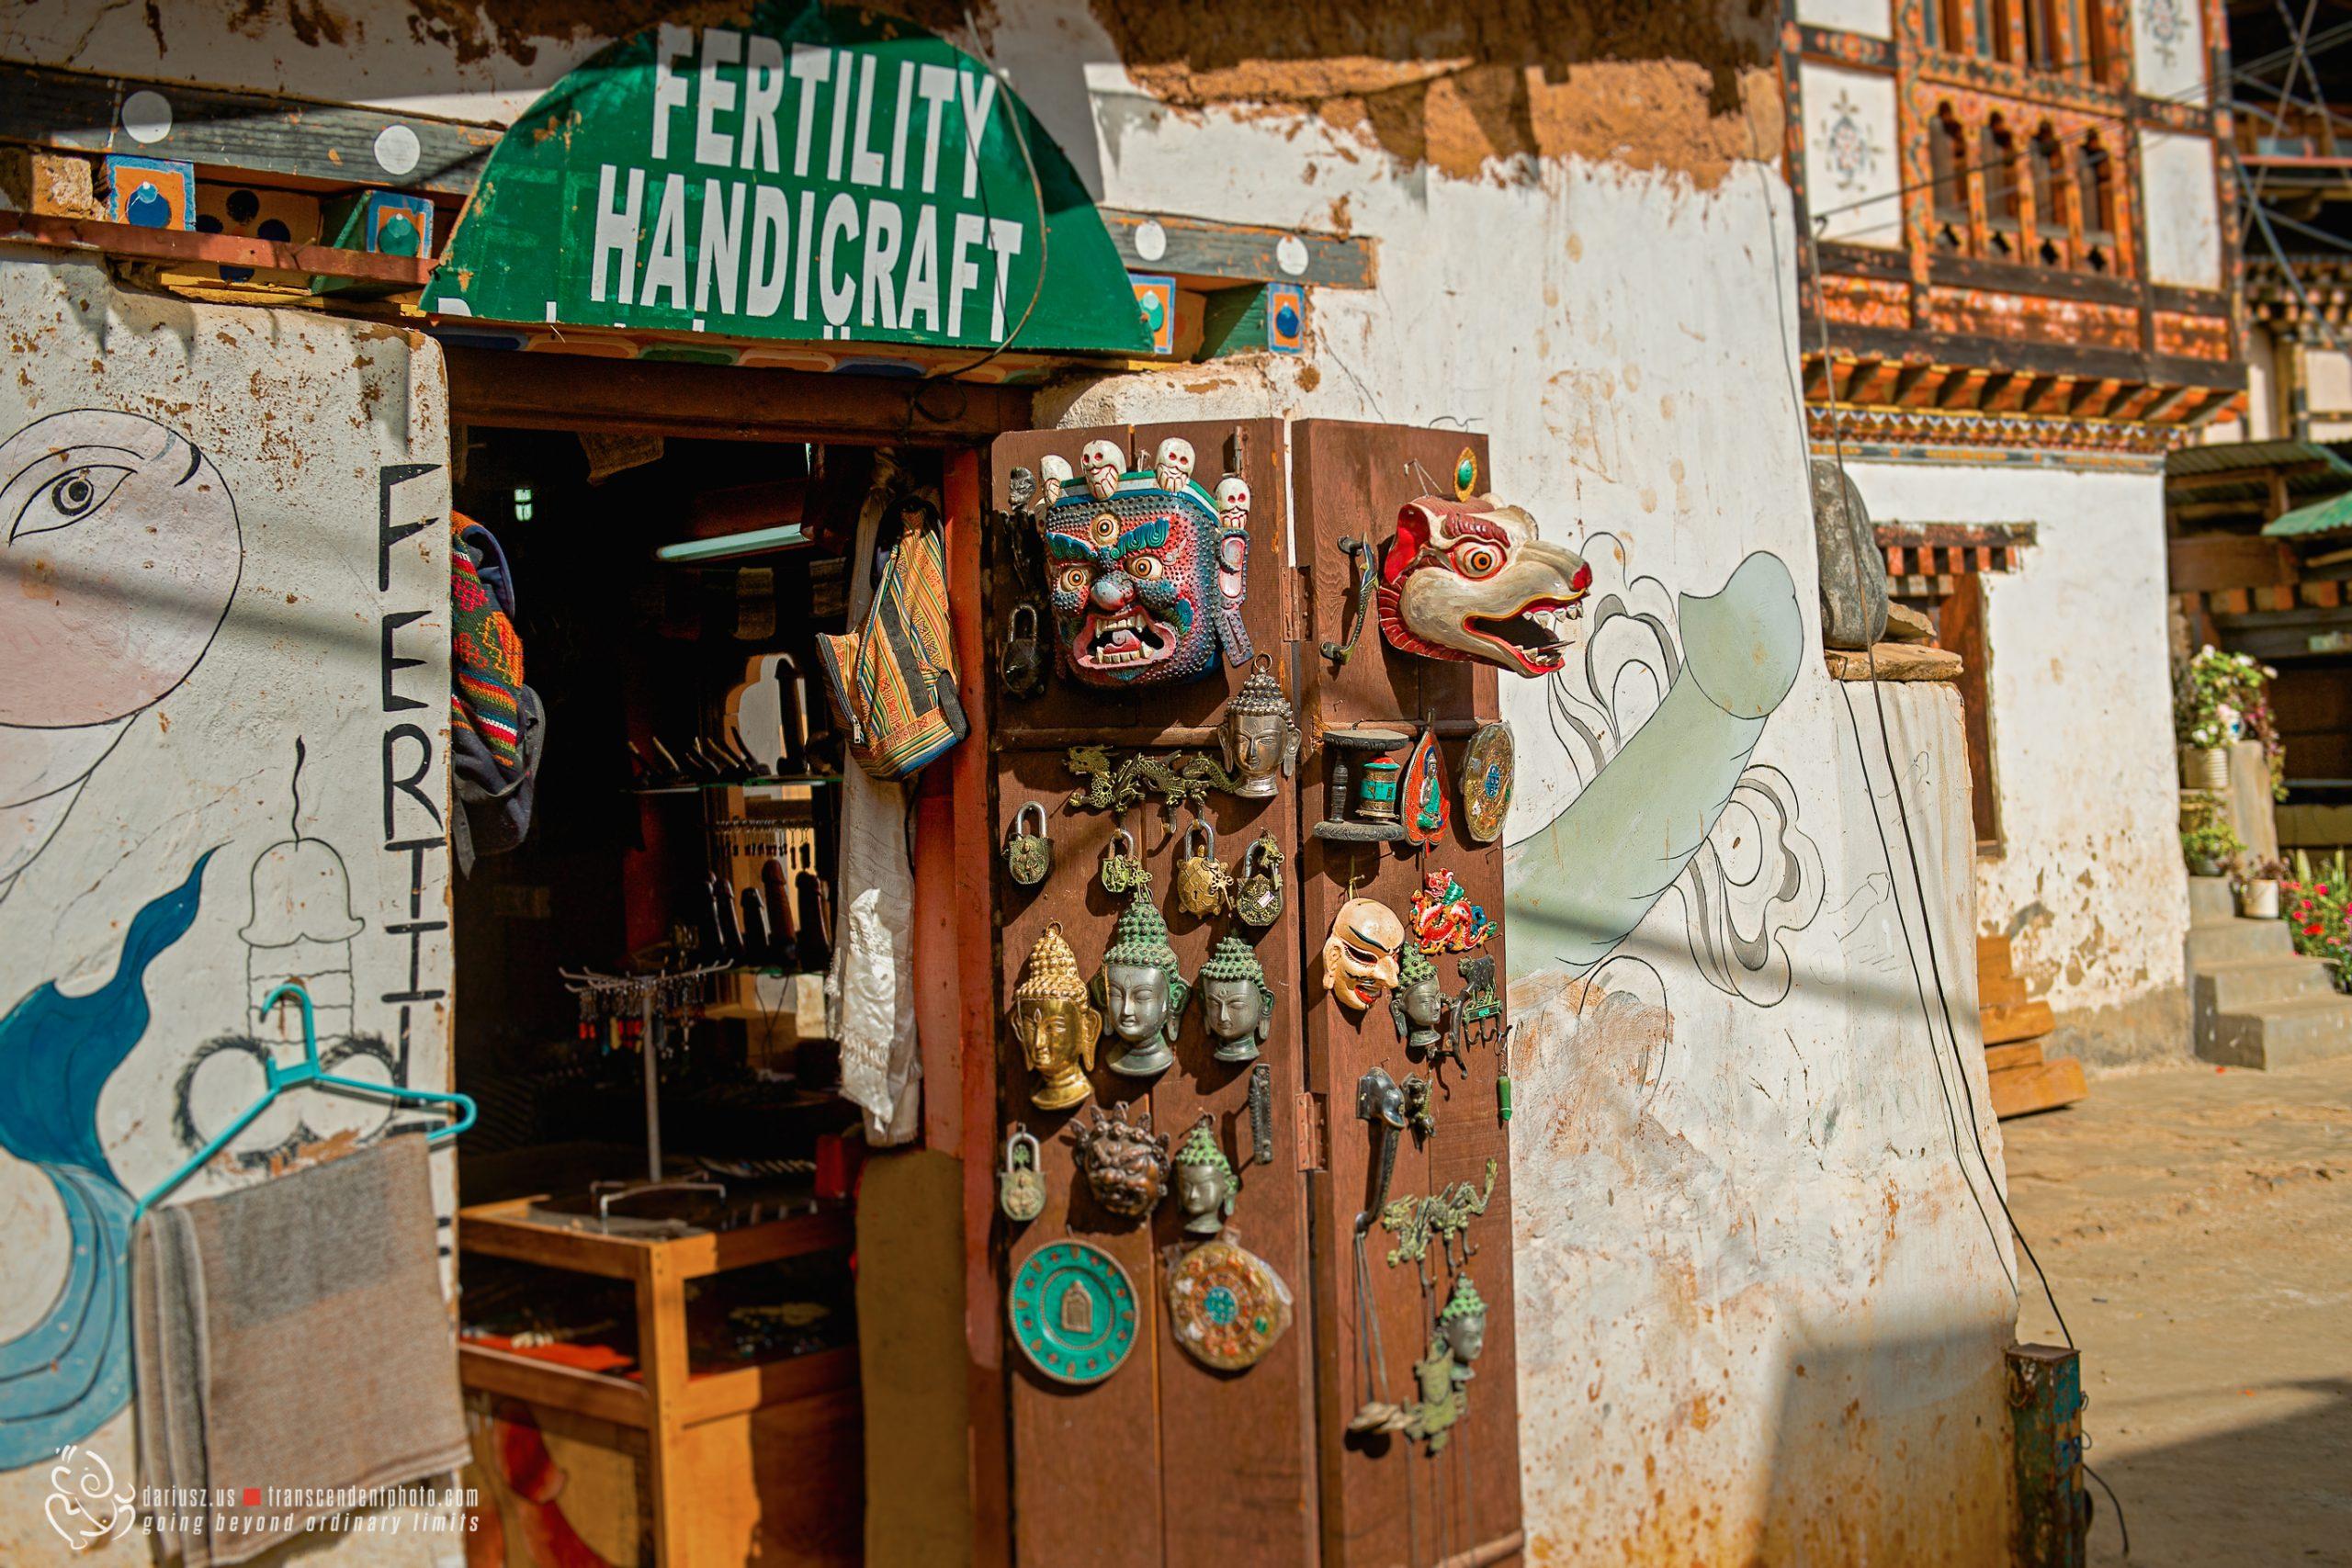 Drzwi wejściowe do sklepu z turystycznymi pamiątkami